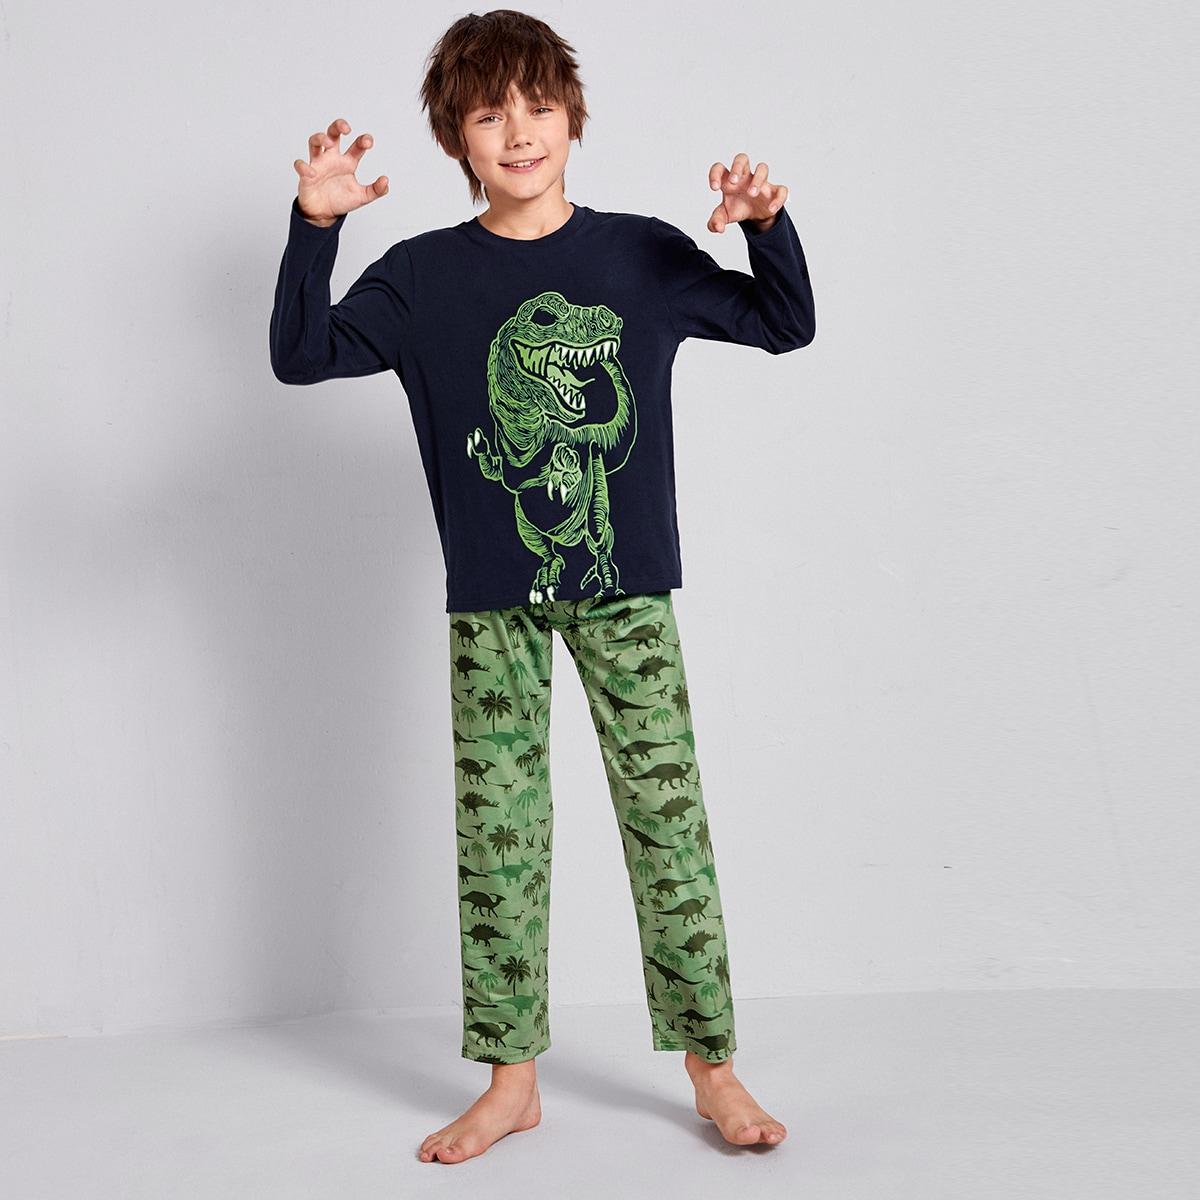 Пижама с принтом динозавра для мальчиков от SHEIN